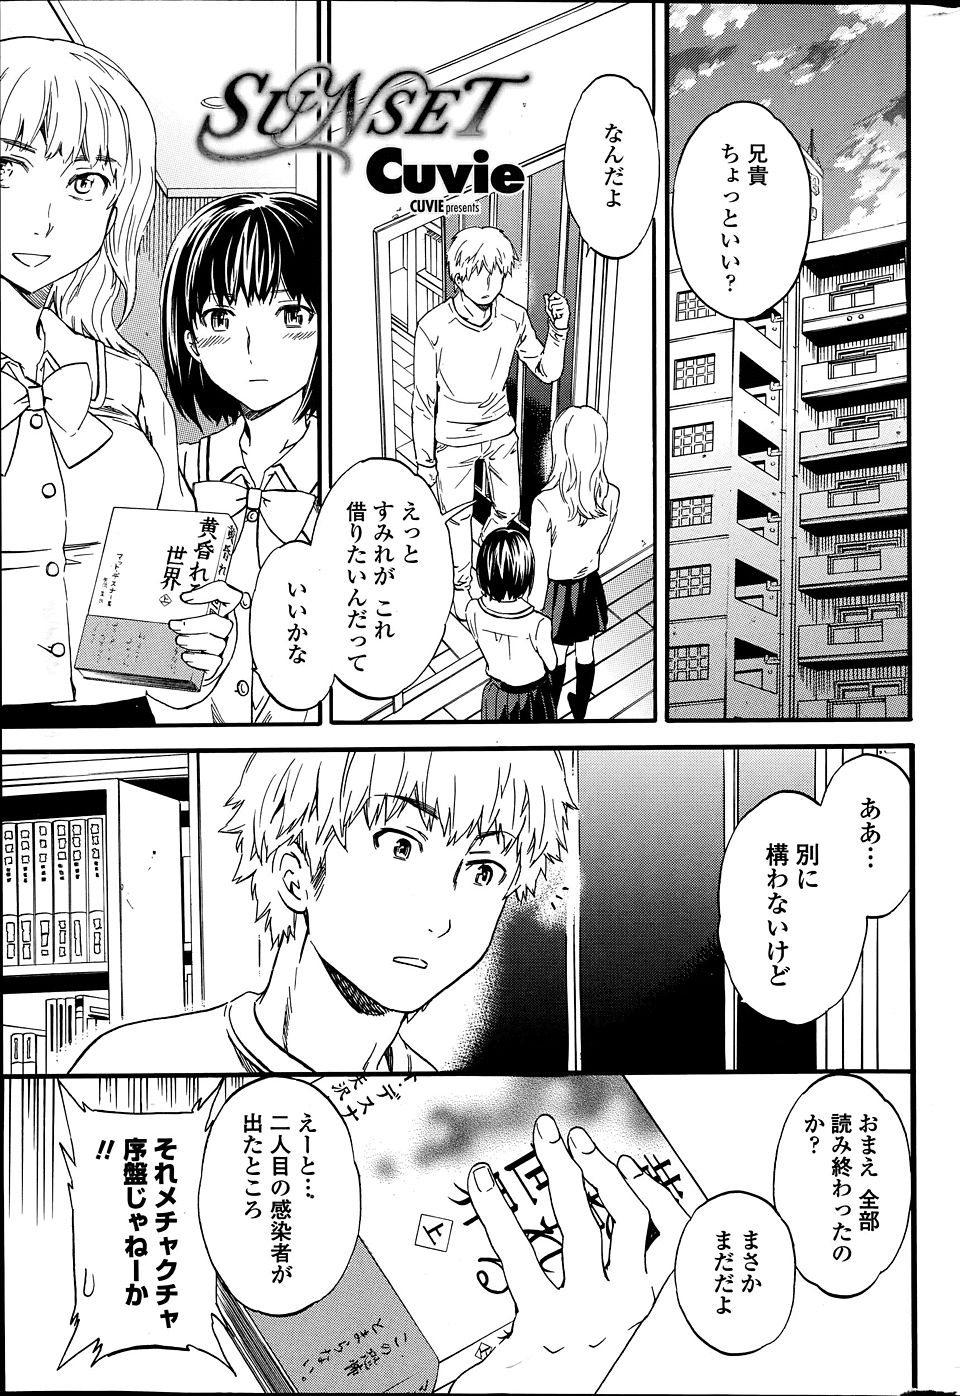 【エロ漫画・同人誌】妹の友達に間違えてブックカバーを入れ替えたエロ本を貸してしまったが、それをきっかけにセフレにできたwww 001